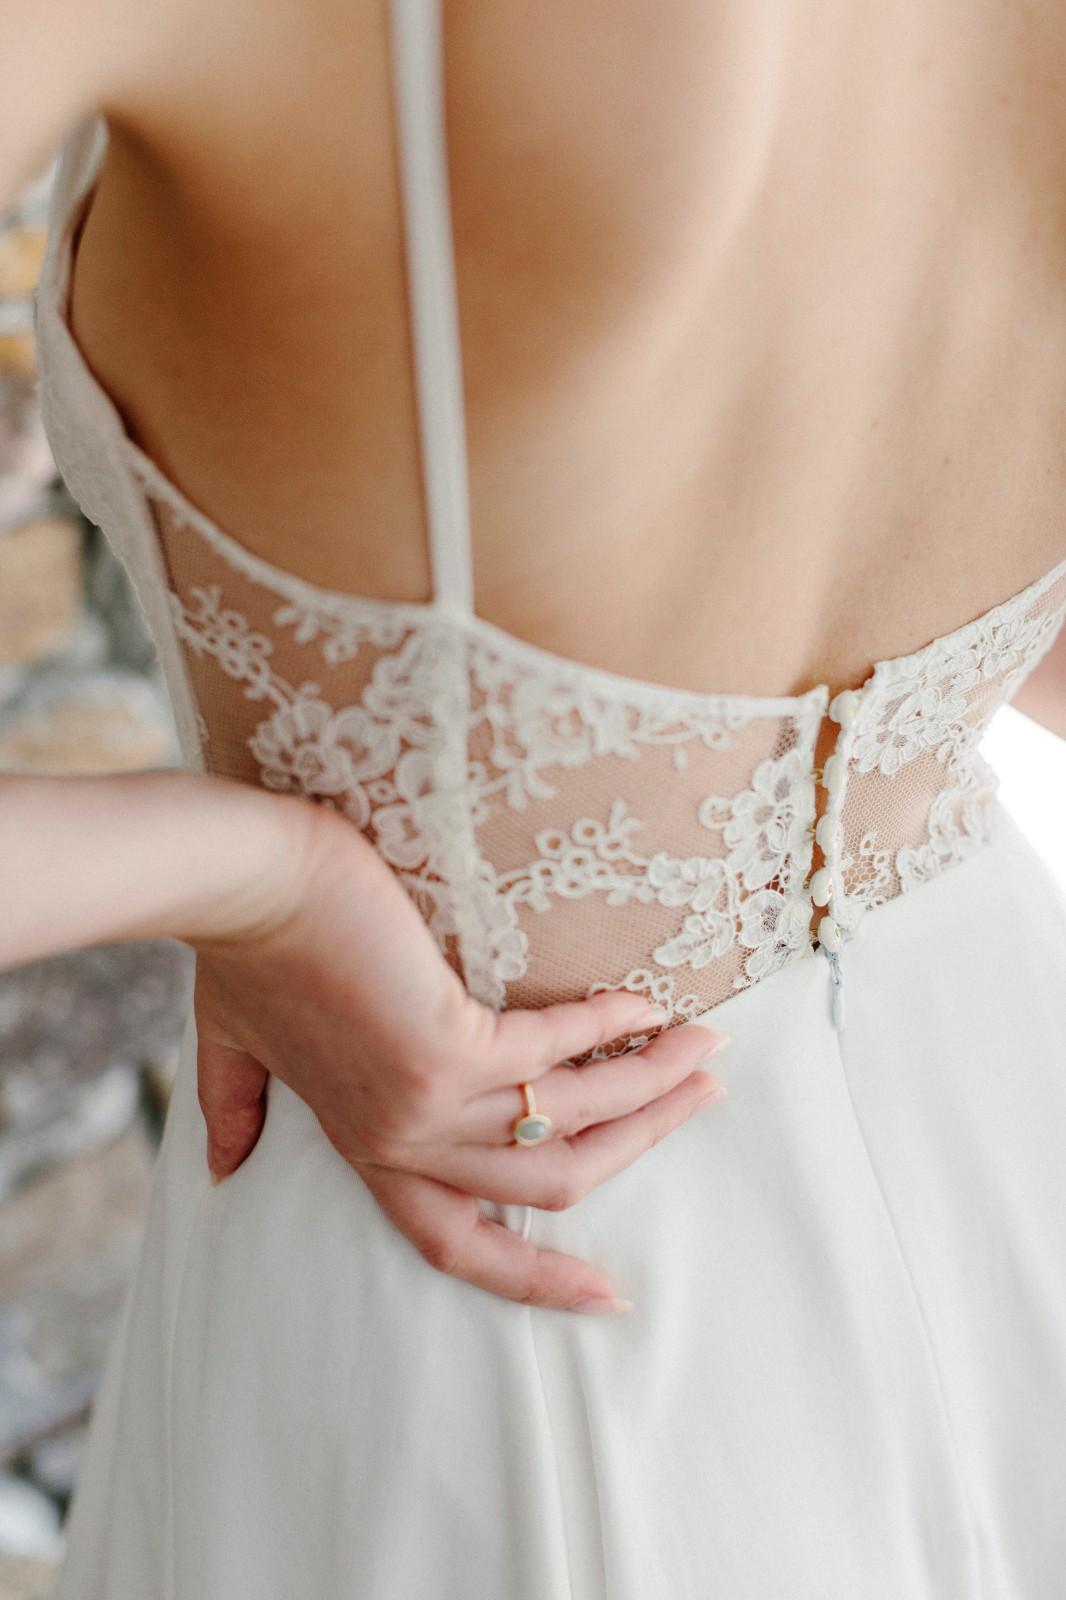 Robe de mariée avec bustier en dentelle transparent.